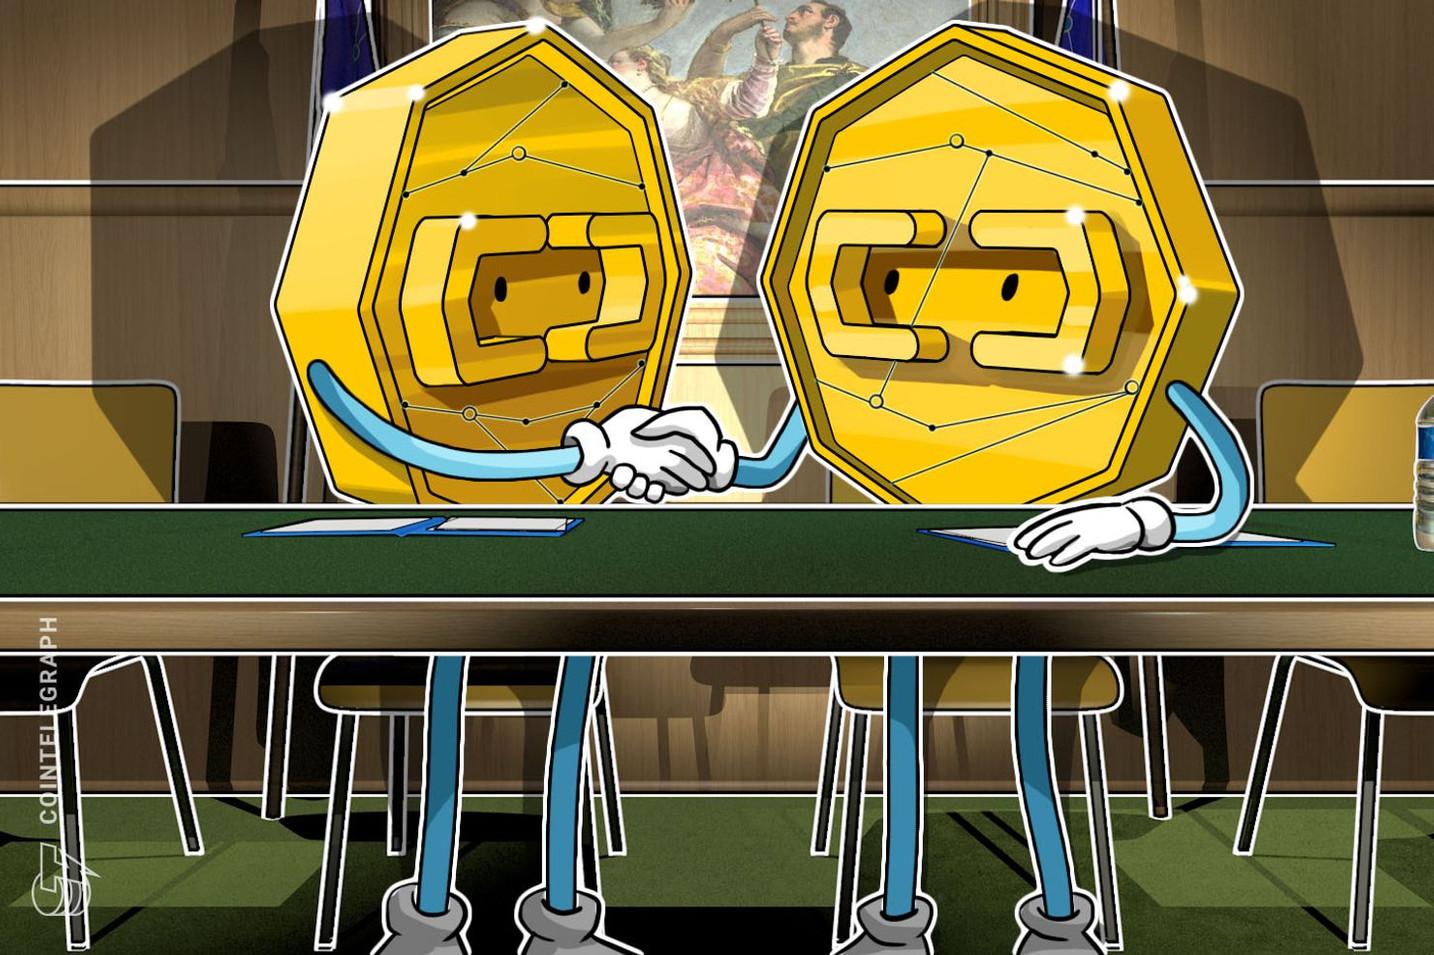 米STOプラットフォームのセキュリタイズ、日本のブロックチェーン企業BUIDLを買収 | 日本市場への進出加速か【ニュース】